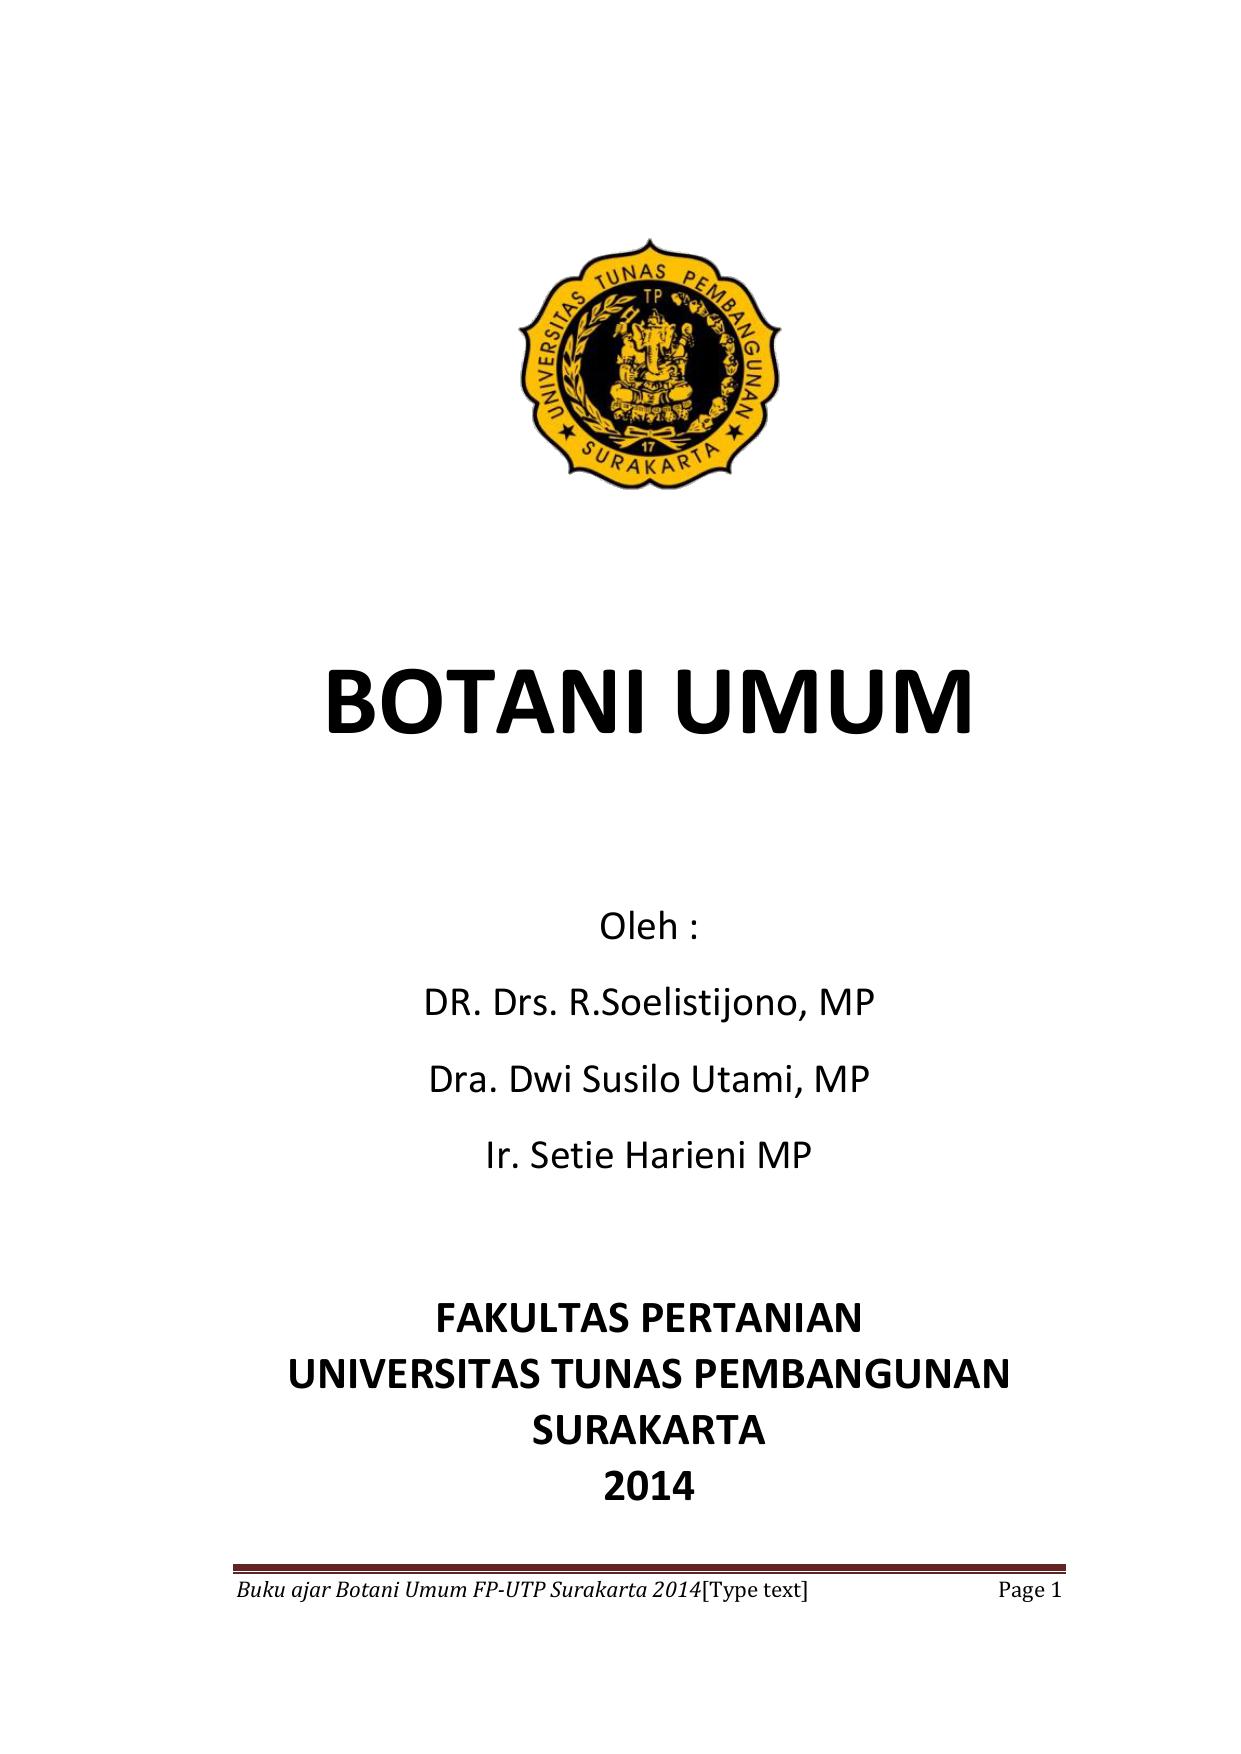 Botani umum universitas tunas pembangunan ccuart Choice Image